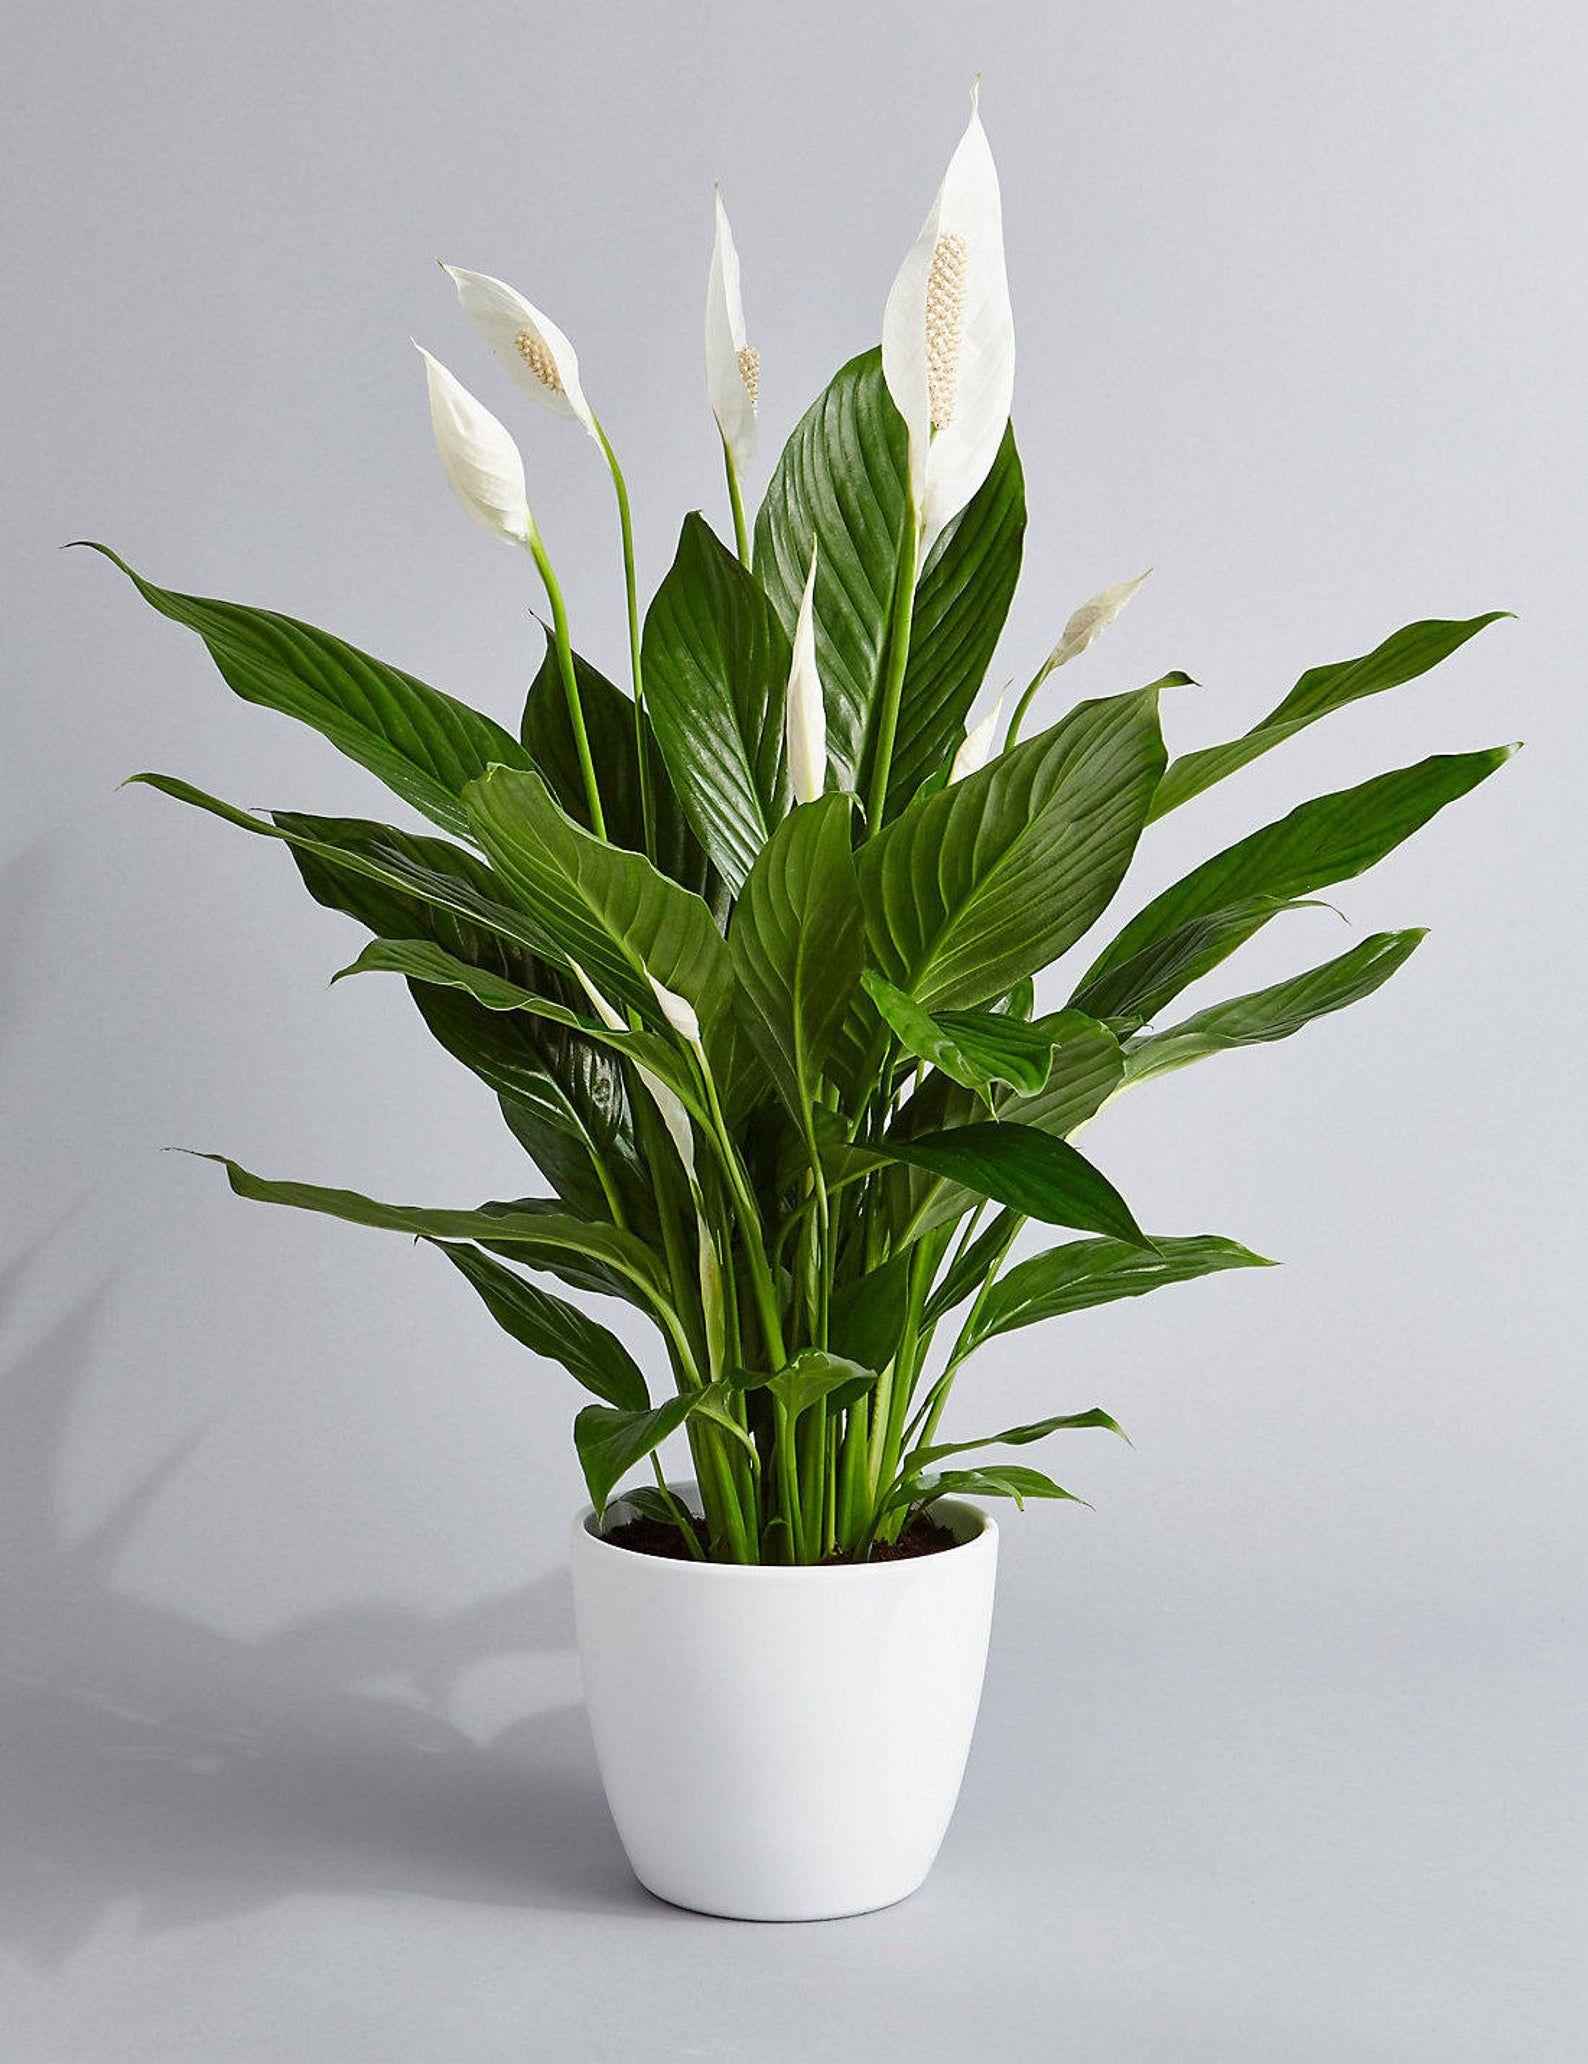 Top 9 loại cây giúp khử mùi hiệu quả trong nhà vệ sinh - Ảnh 9.